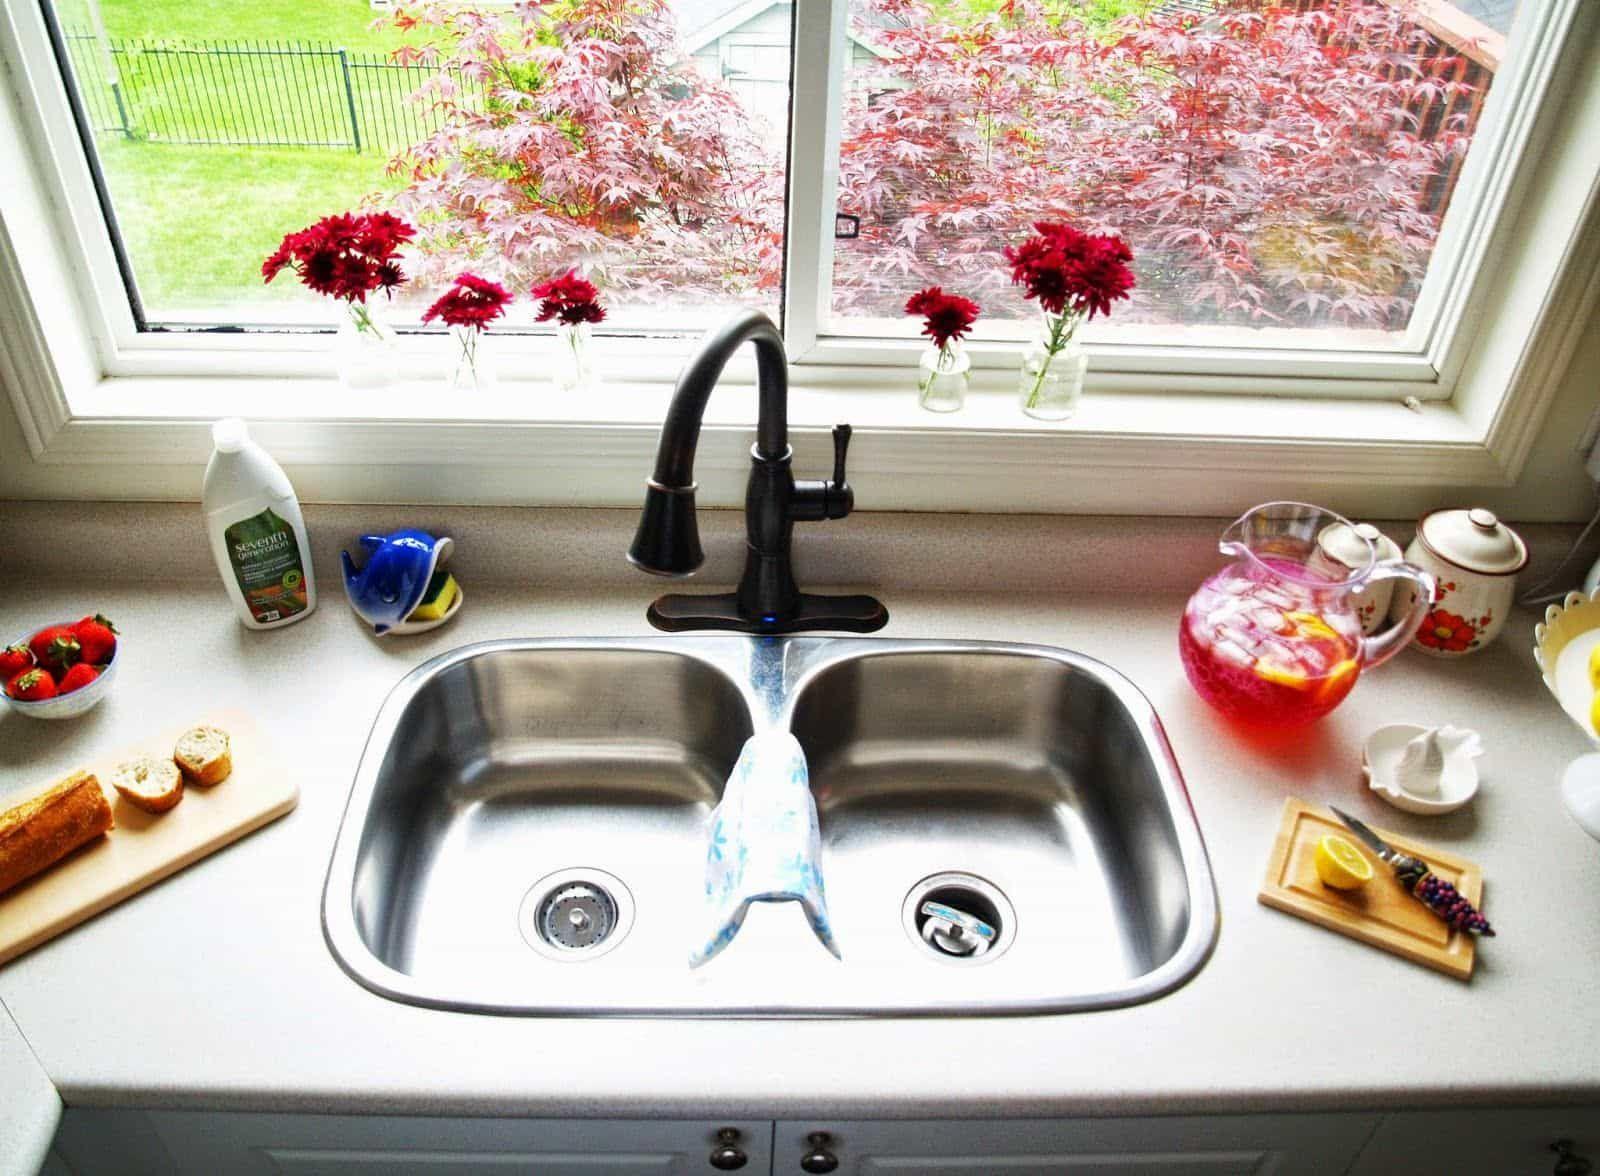 Loszuwerden Gerüche In Der Küche Spüle   Einbauküche   Pinterest ...